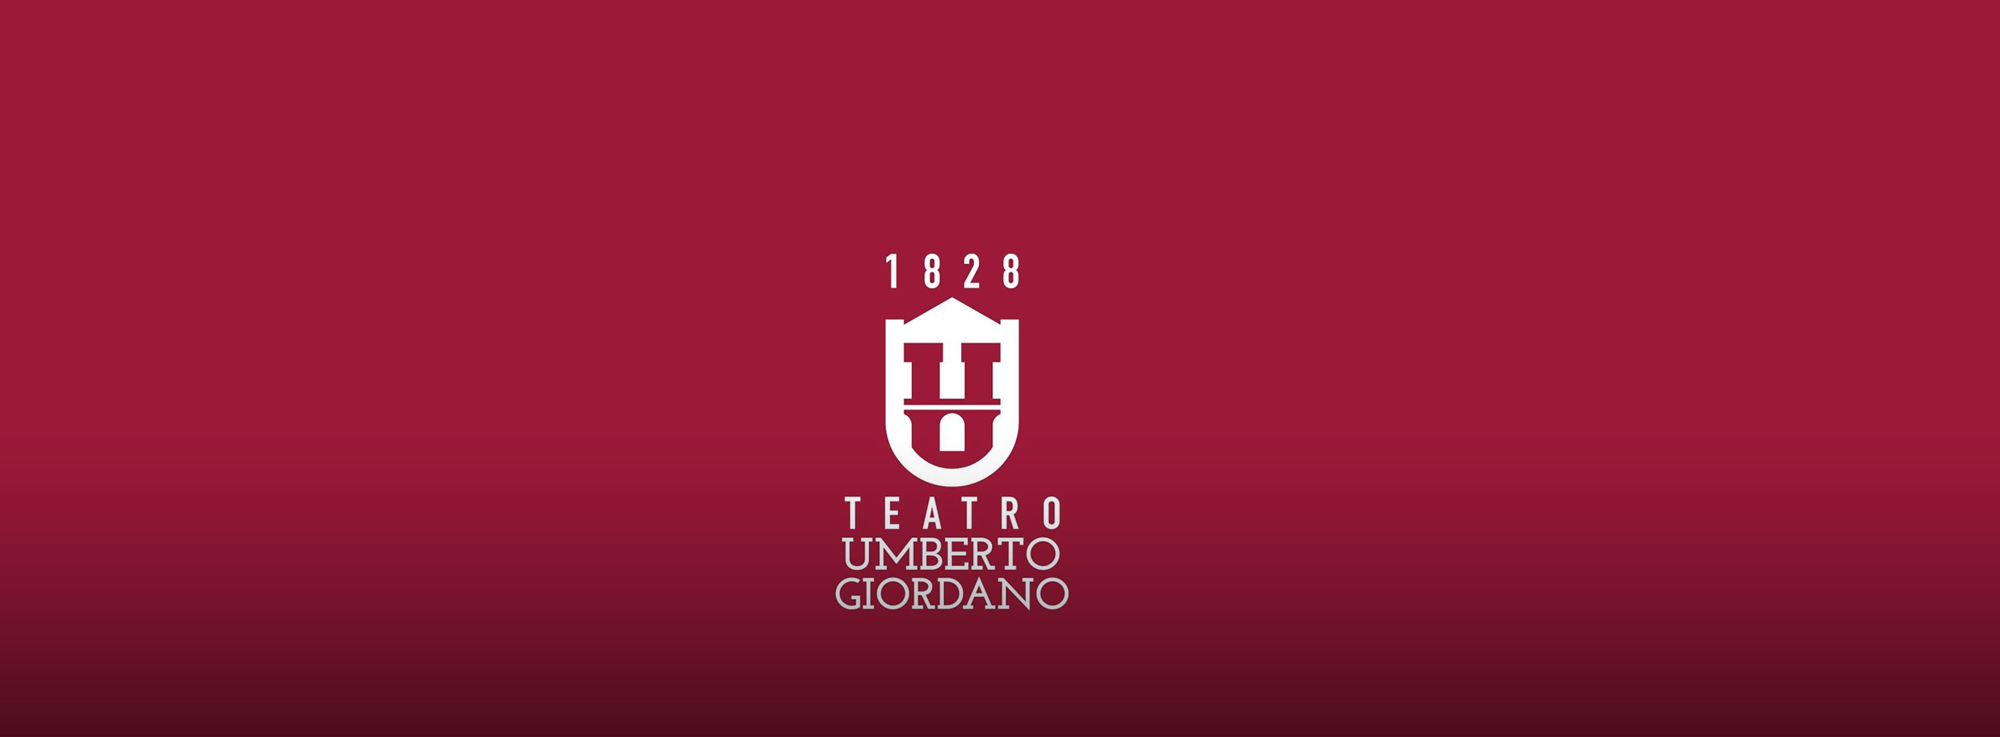 Foggia: Stagione teatrale 2019/2020